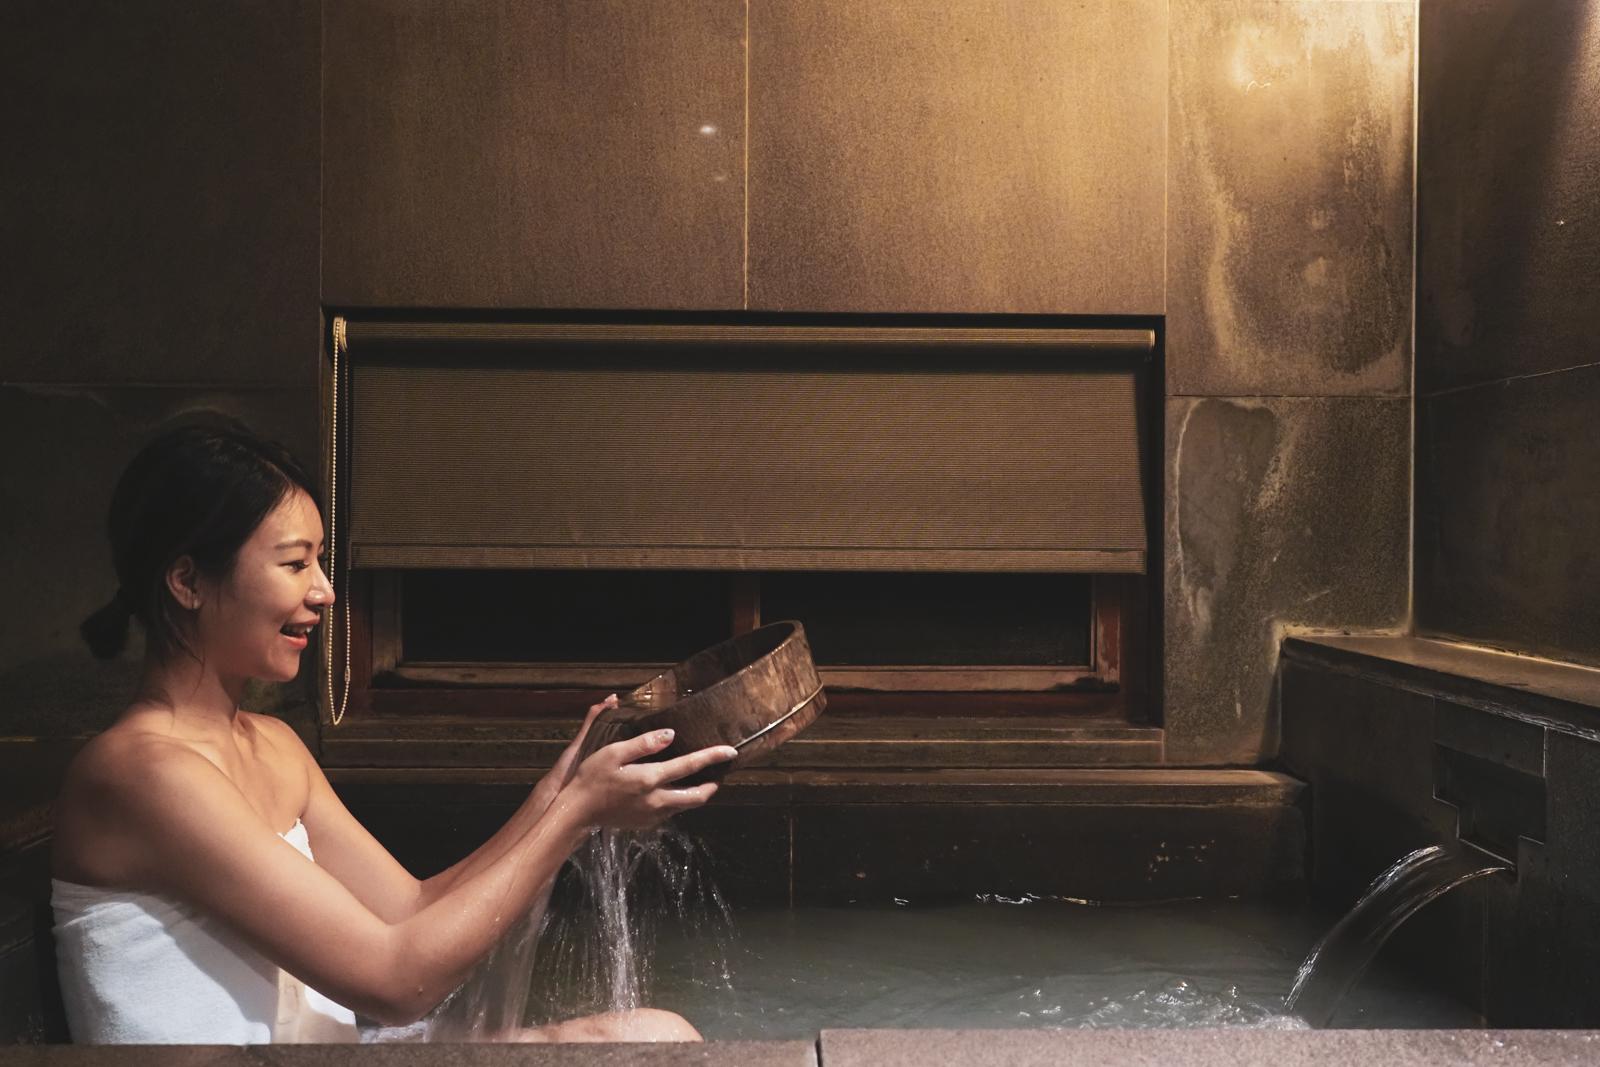 【北投泡湯趣】北投春天酒店雙人湯屋 大眾風呂春天風呂實際體驗 套票更划算!